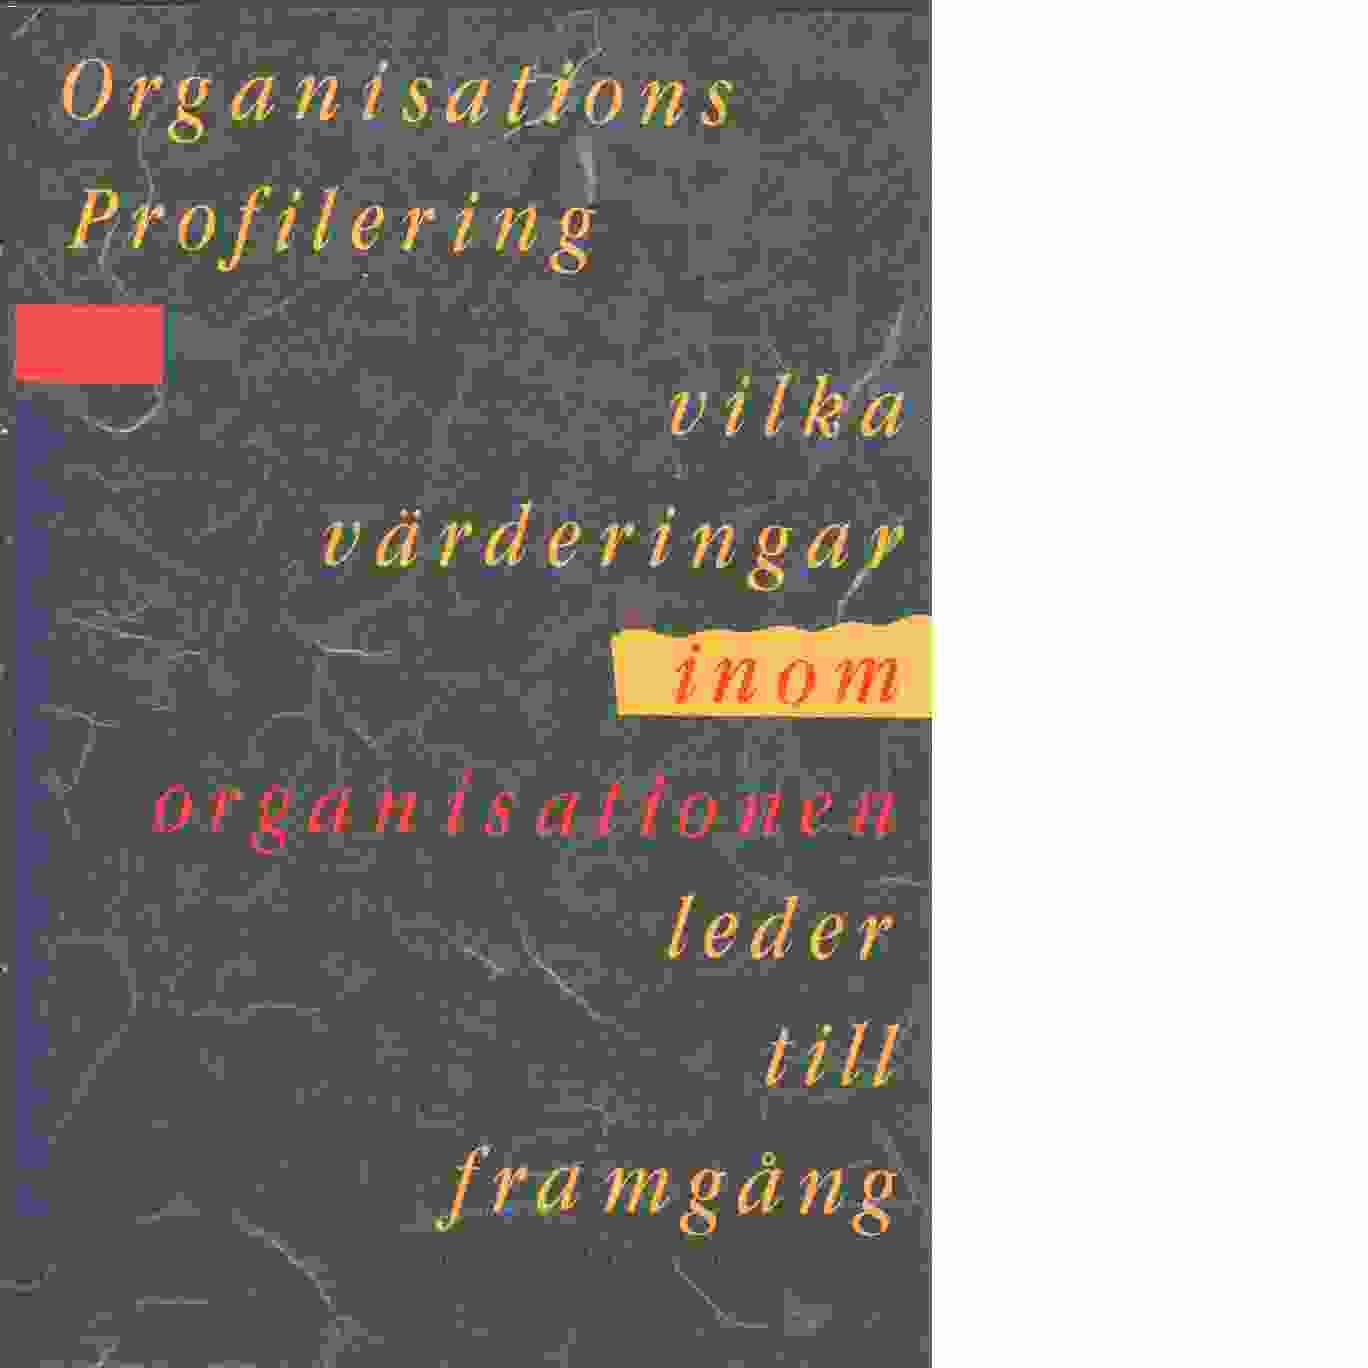 Organisationsprofilering : vilka värderingar inom organisationen leder till framgång - Woodcock, Mike och Francis, Dave